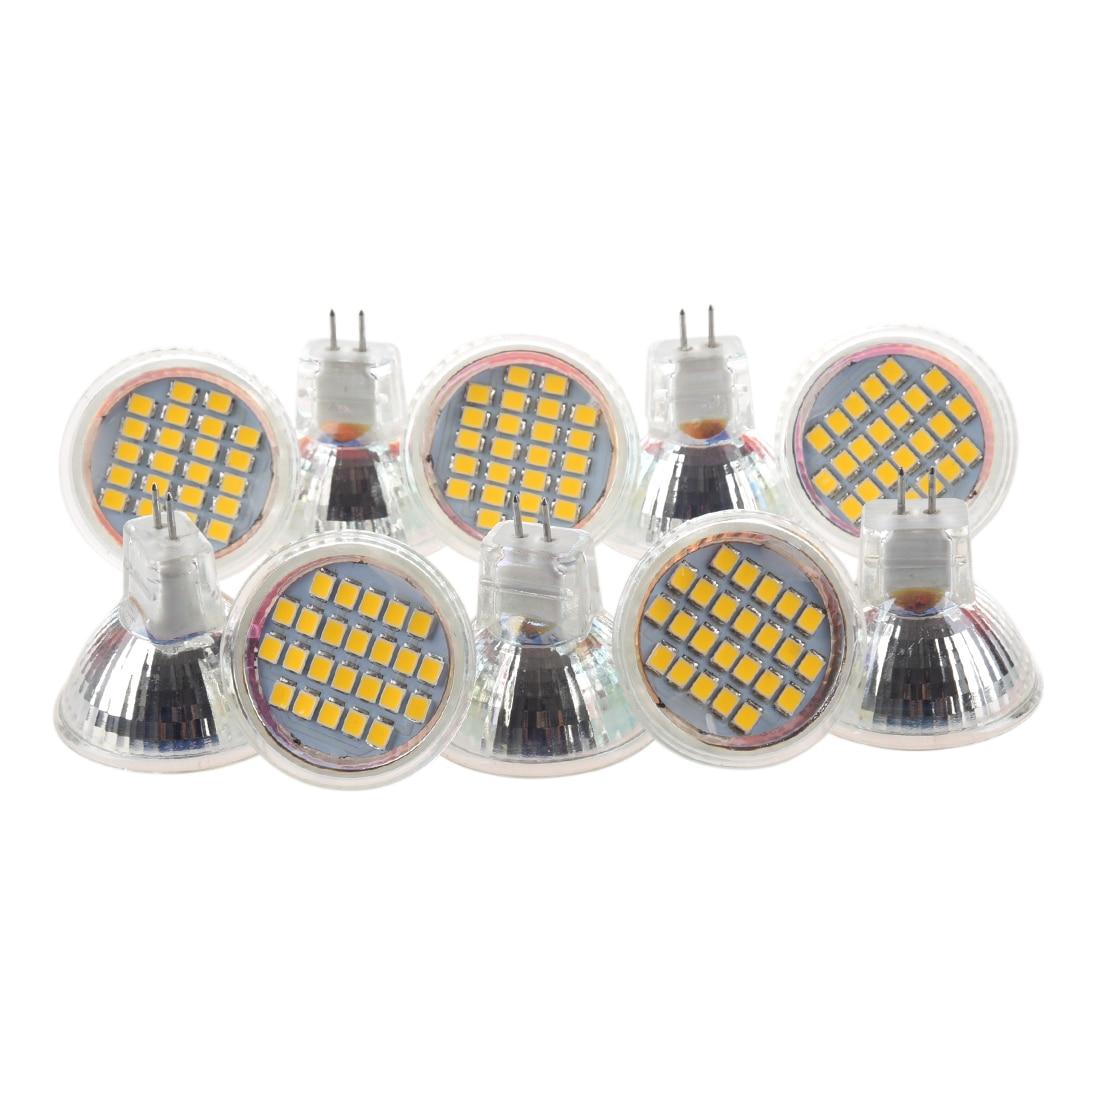 10pcs MR11 GU4 Warm White 3528 SMD 24 LED Home Spotlight Light Lamp Bulb 1W 12V цена и фото